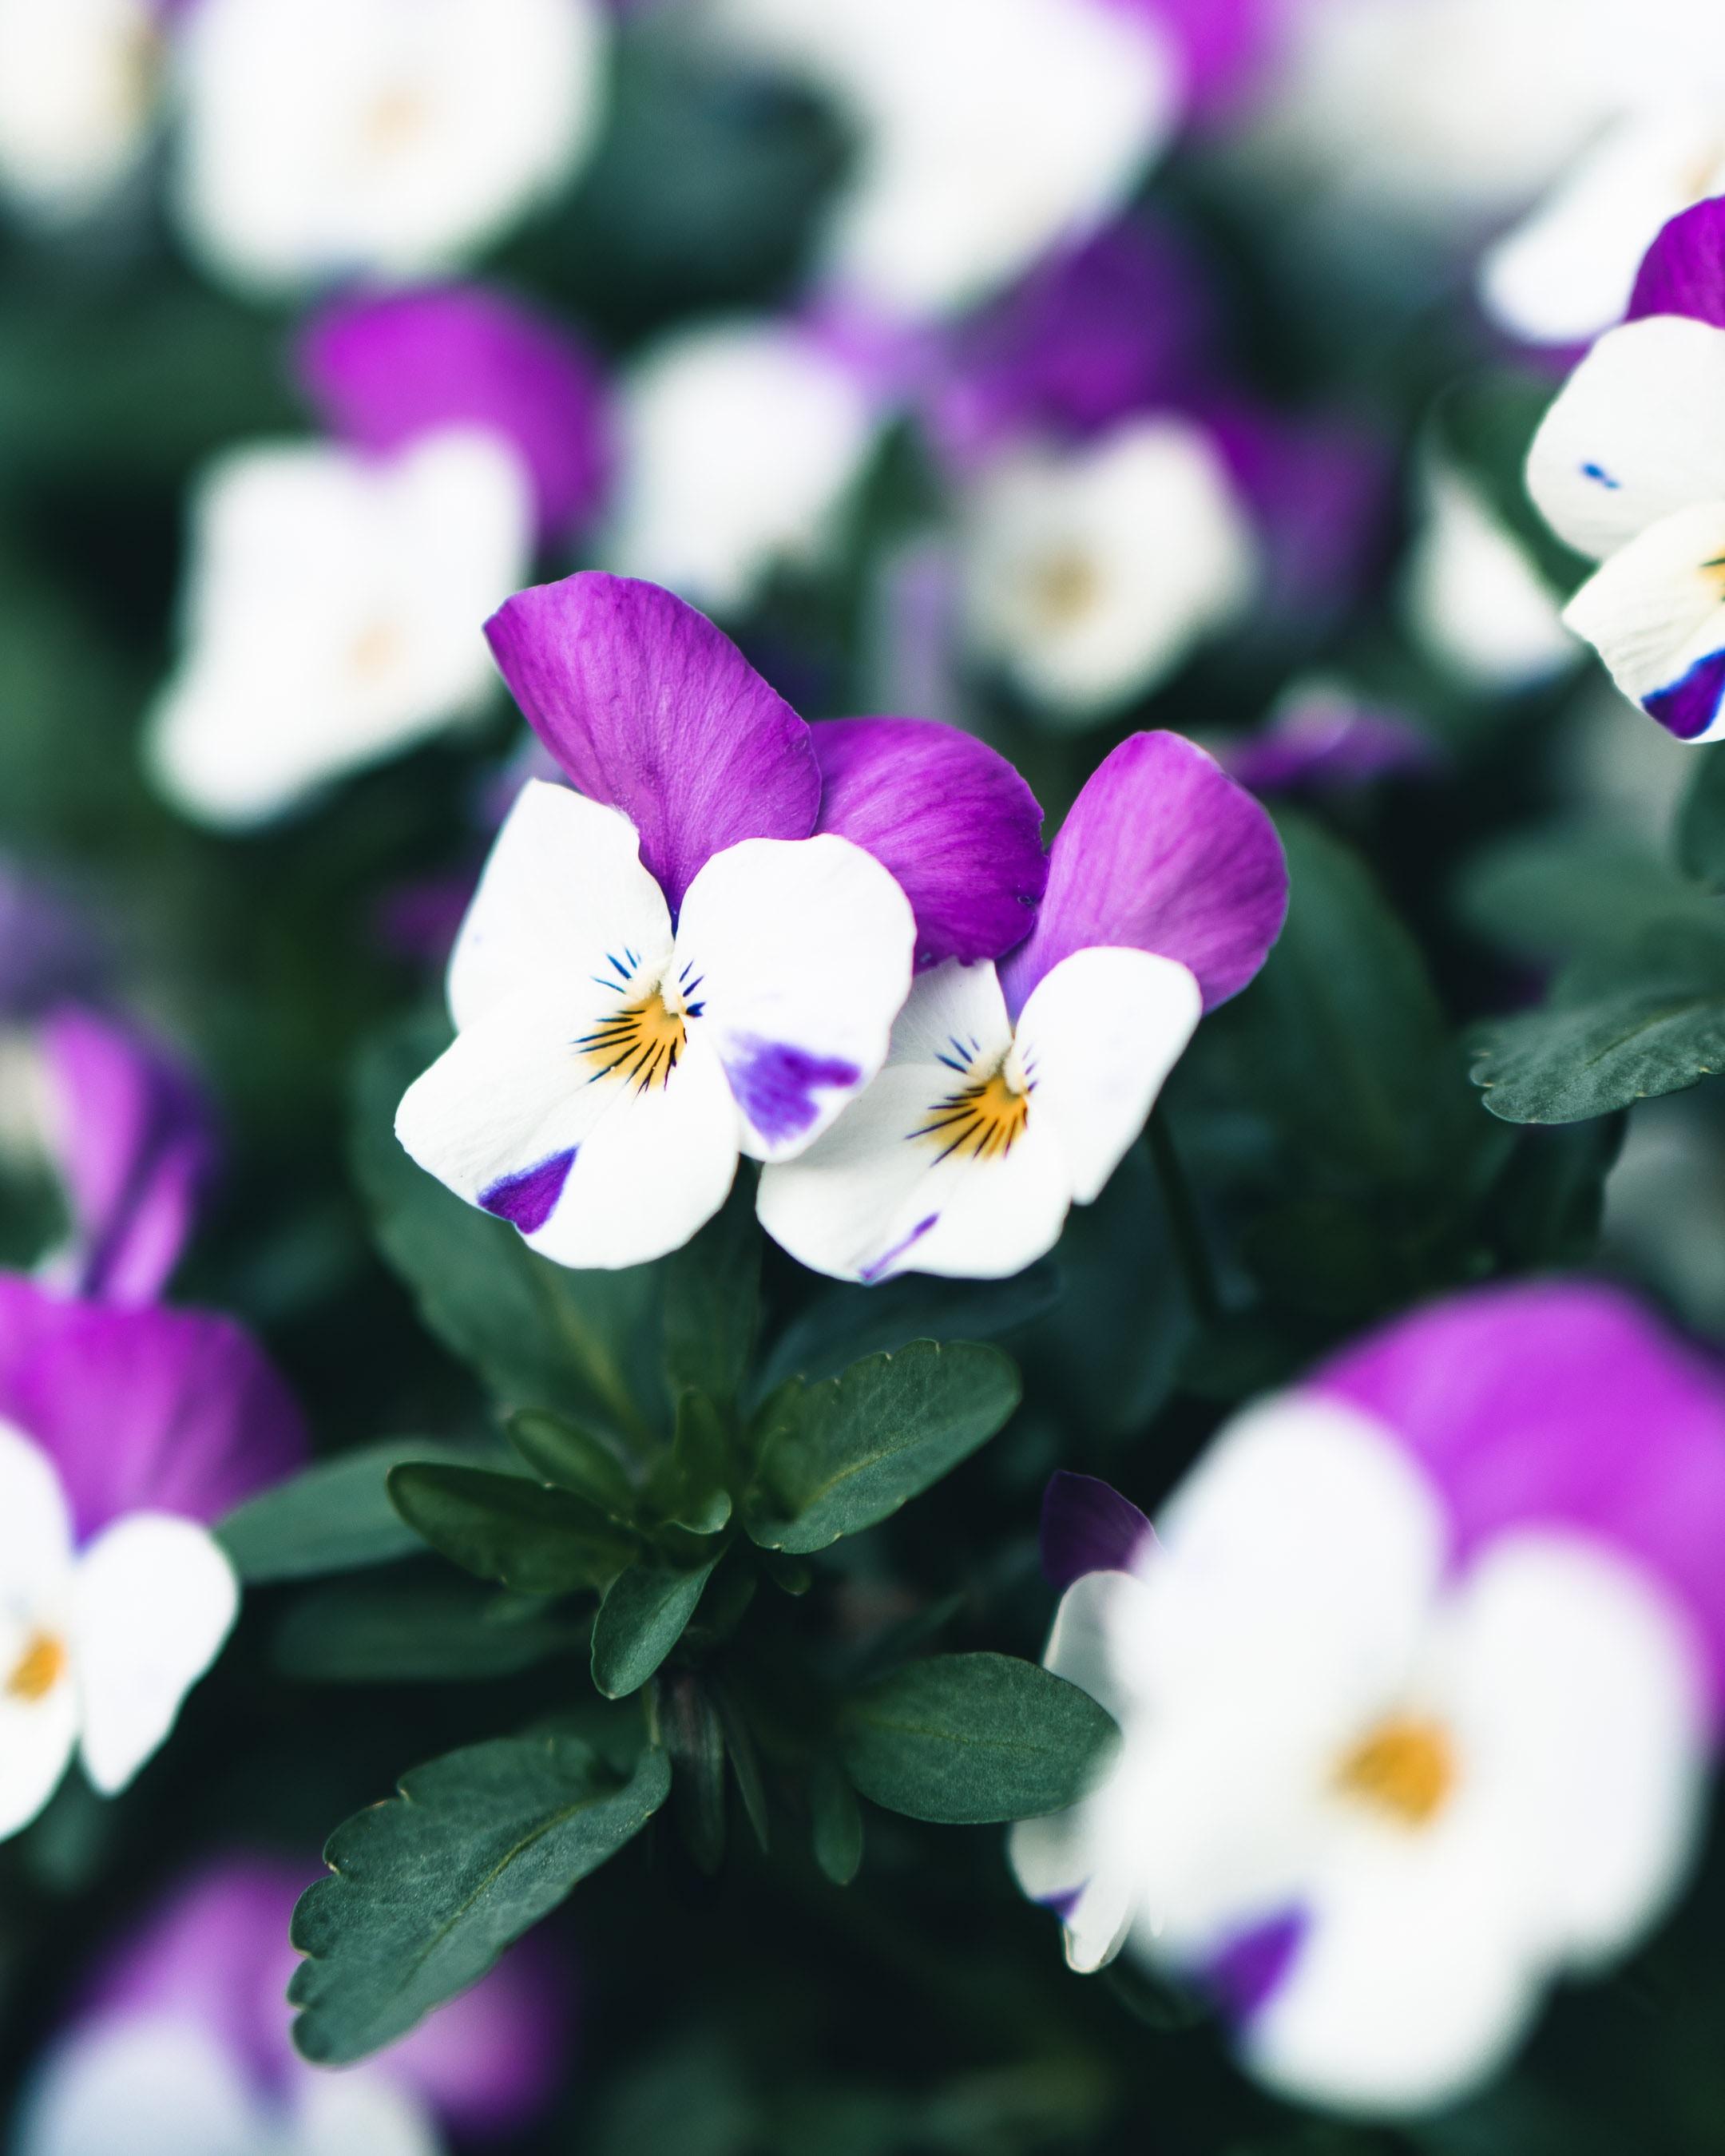 60473 Заставки и Обои Фиалки на телефон. Скачать Цветы, Фиалки, Растение, Цветение, Белый, Фиолетовый картинки бесплатно